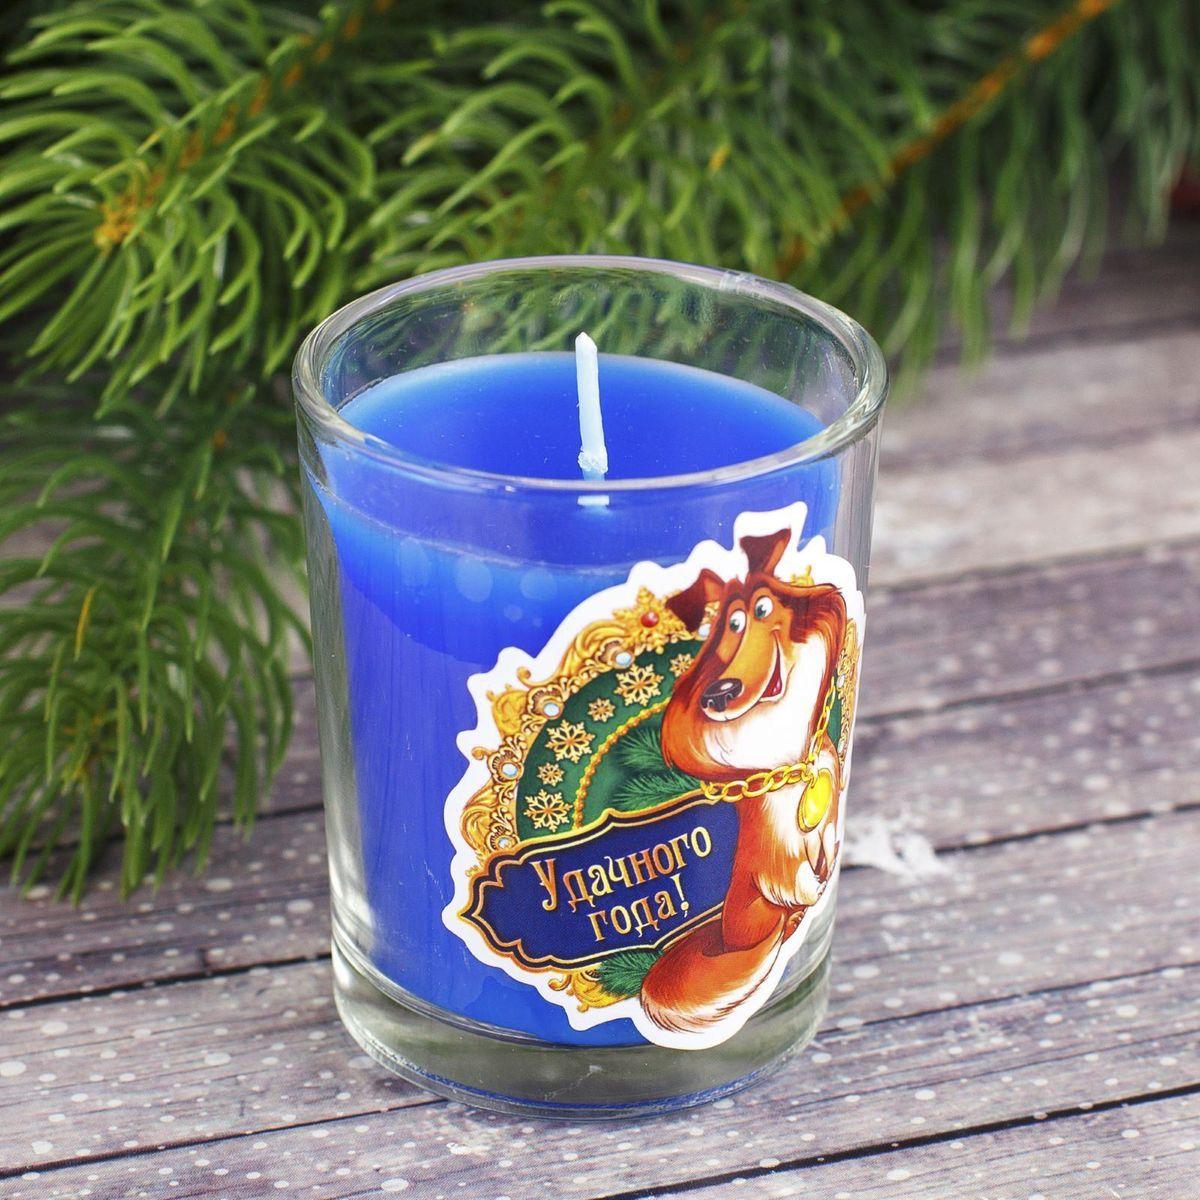 Свеча ароматизированная Sima-land Счастья и любви, цвет: синий, высота 6,5 см2085648Какой новогодний стол без свечей? Вместе с мандаринами, шампанским и еловыми ветвями они создадут сказочную атмосферу, а их притягательное пламя подарит ощущение уюта и тепла. А еще это отличная идея для подарка! Свеча ароматизированная в стакане Sima-land оградит от невзгод и поможет во всех начинаниях в будущем году. Каждому хозяину периодически приходит мысль обновить свою квартиру, сделать ремонт, перестановку или кардинально поменять внешний вид каждой комнаты. Свеча ароматизированная в стакане Sima-land - привлекательная деталь, которая поможет воплотить вашу интерьерную идею, создать неповторимую атмосферу в вашем доме. Окружите себя приятными мелочами, пусть они радуют глаз и дарят гармонию. Ароматизированная свеча Sima-land несет в себе волшебство и красоту праздника. Такое украшение создаст в вашем доме атмосферу праздника, веселья и радости.